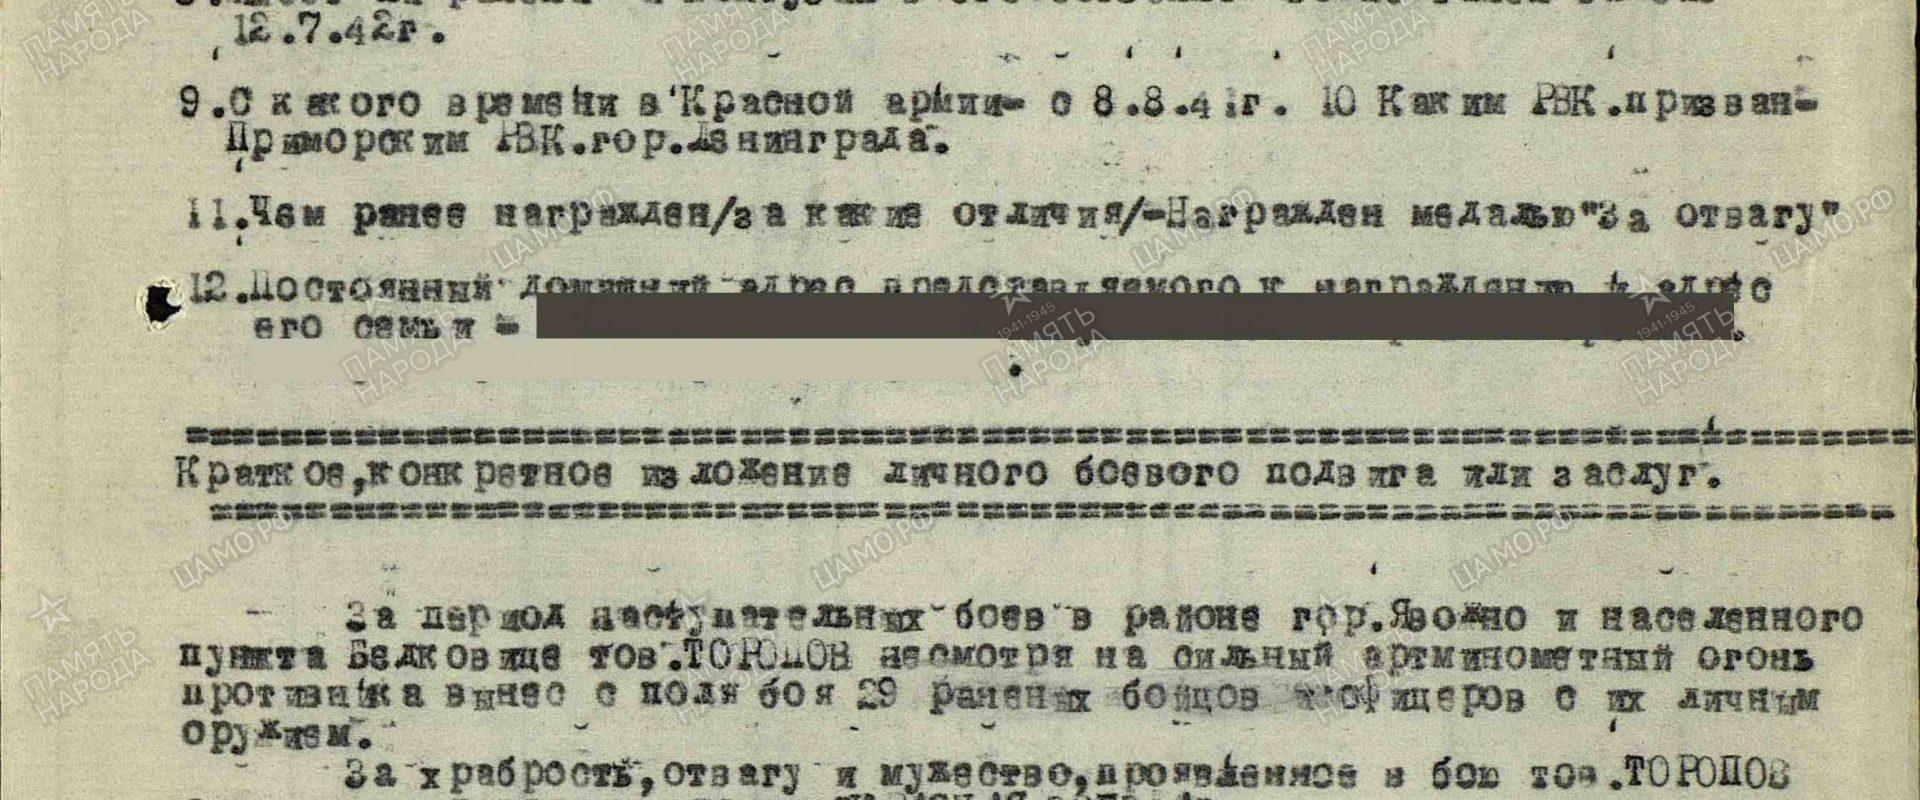 Торопов Сергей Федорович